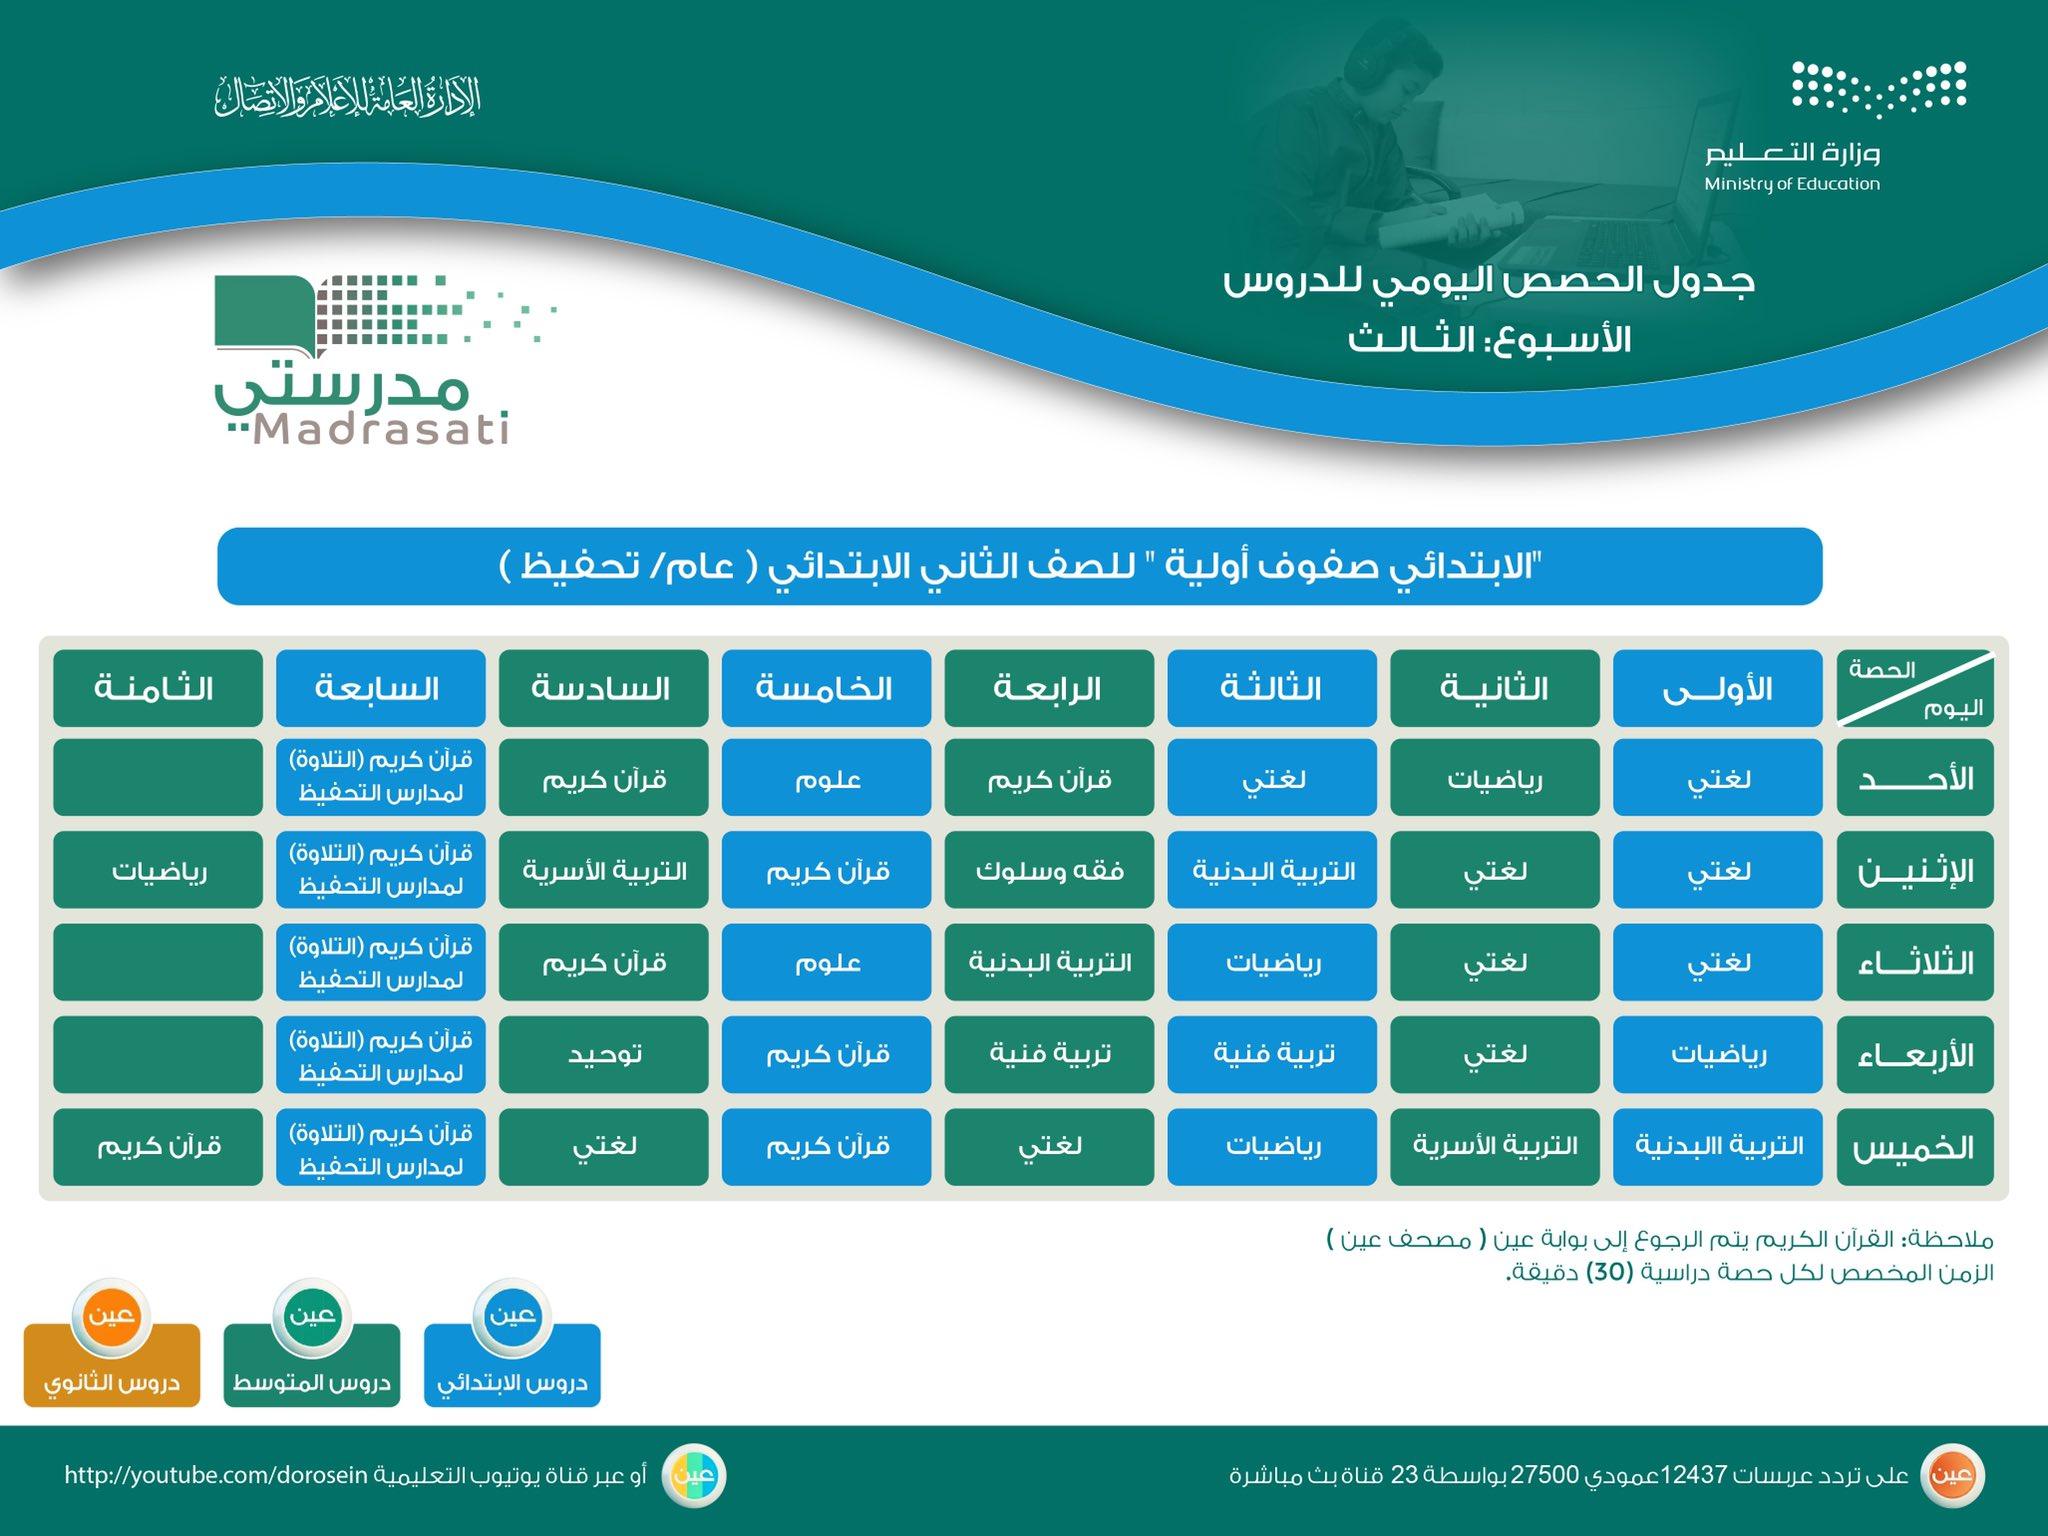 جدول دروس عين الاسبوع الثالث ١٤٤٢ الحصص اليومي لجميع الصفوف قناة مدرستي عن بعد 2020 الموقع المثالي